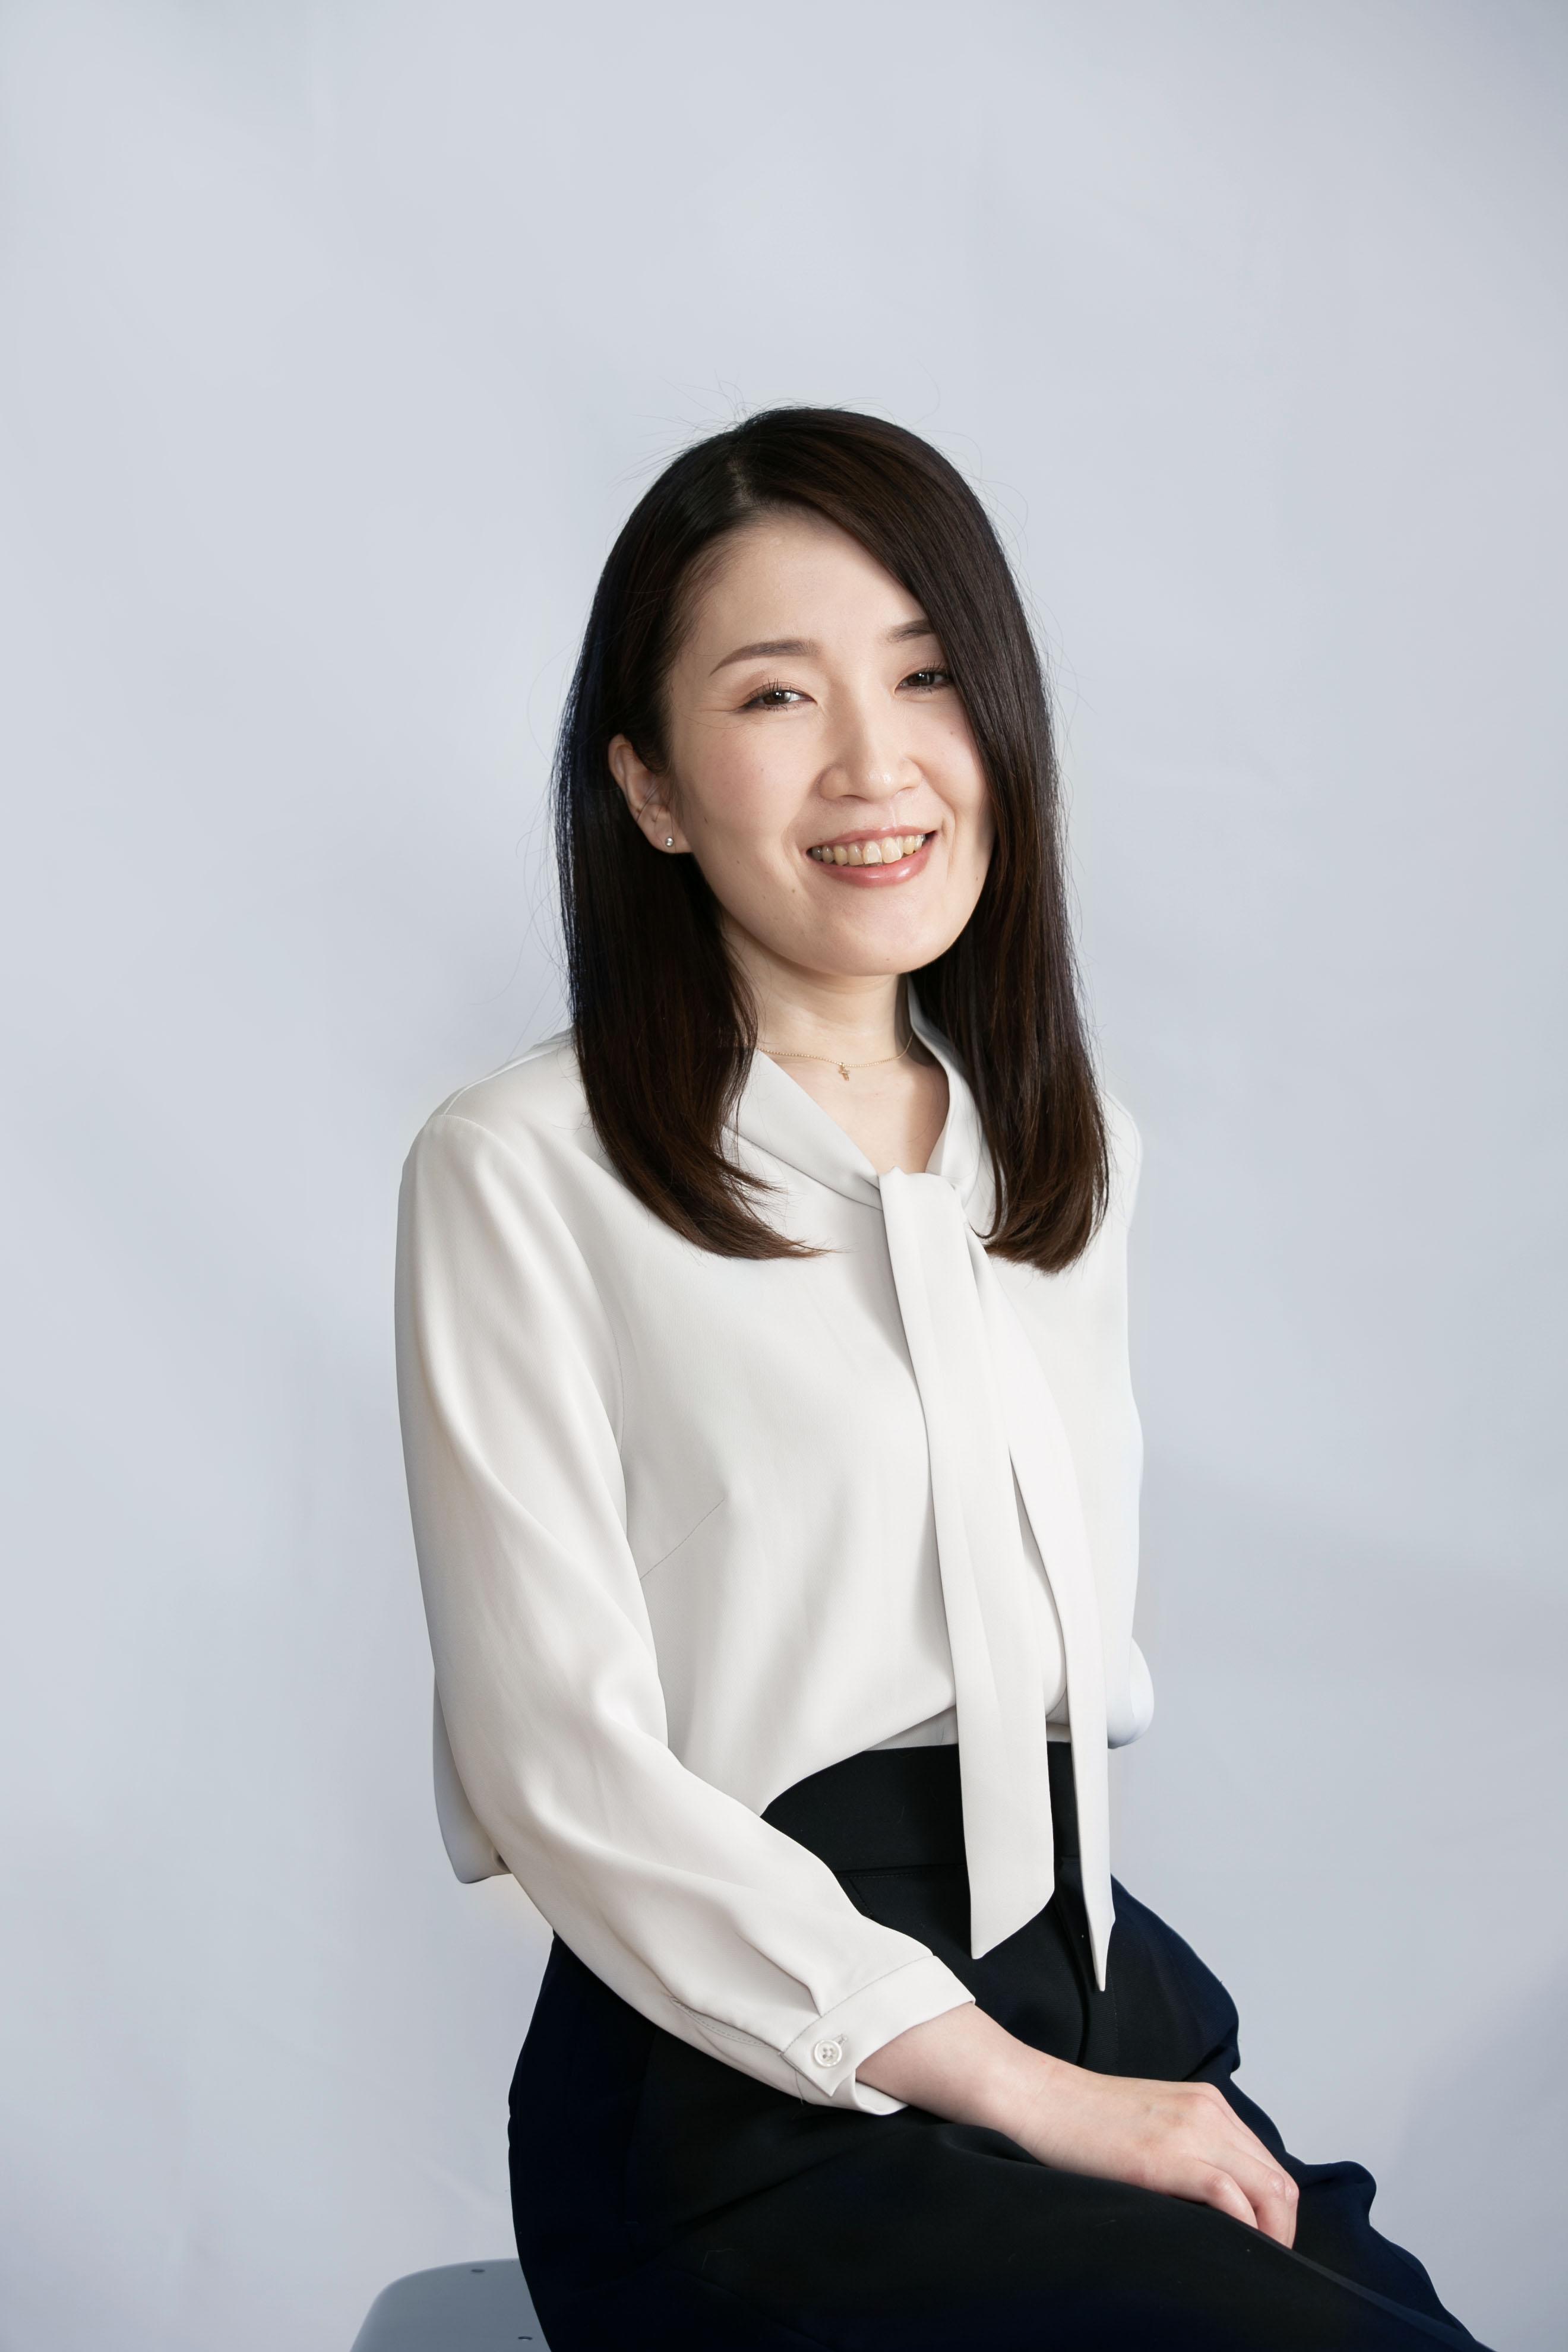 株式会社 ASAHI Accounting Robot 研究所社員 柏倉 佑美